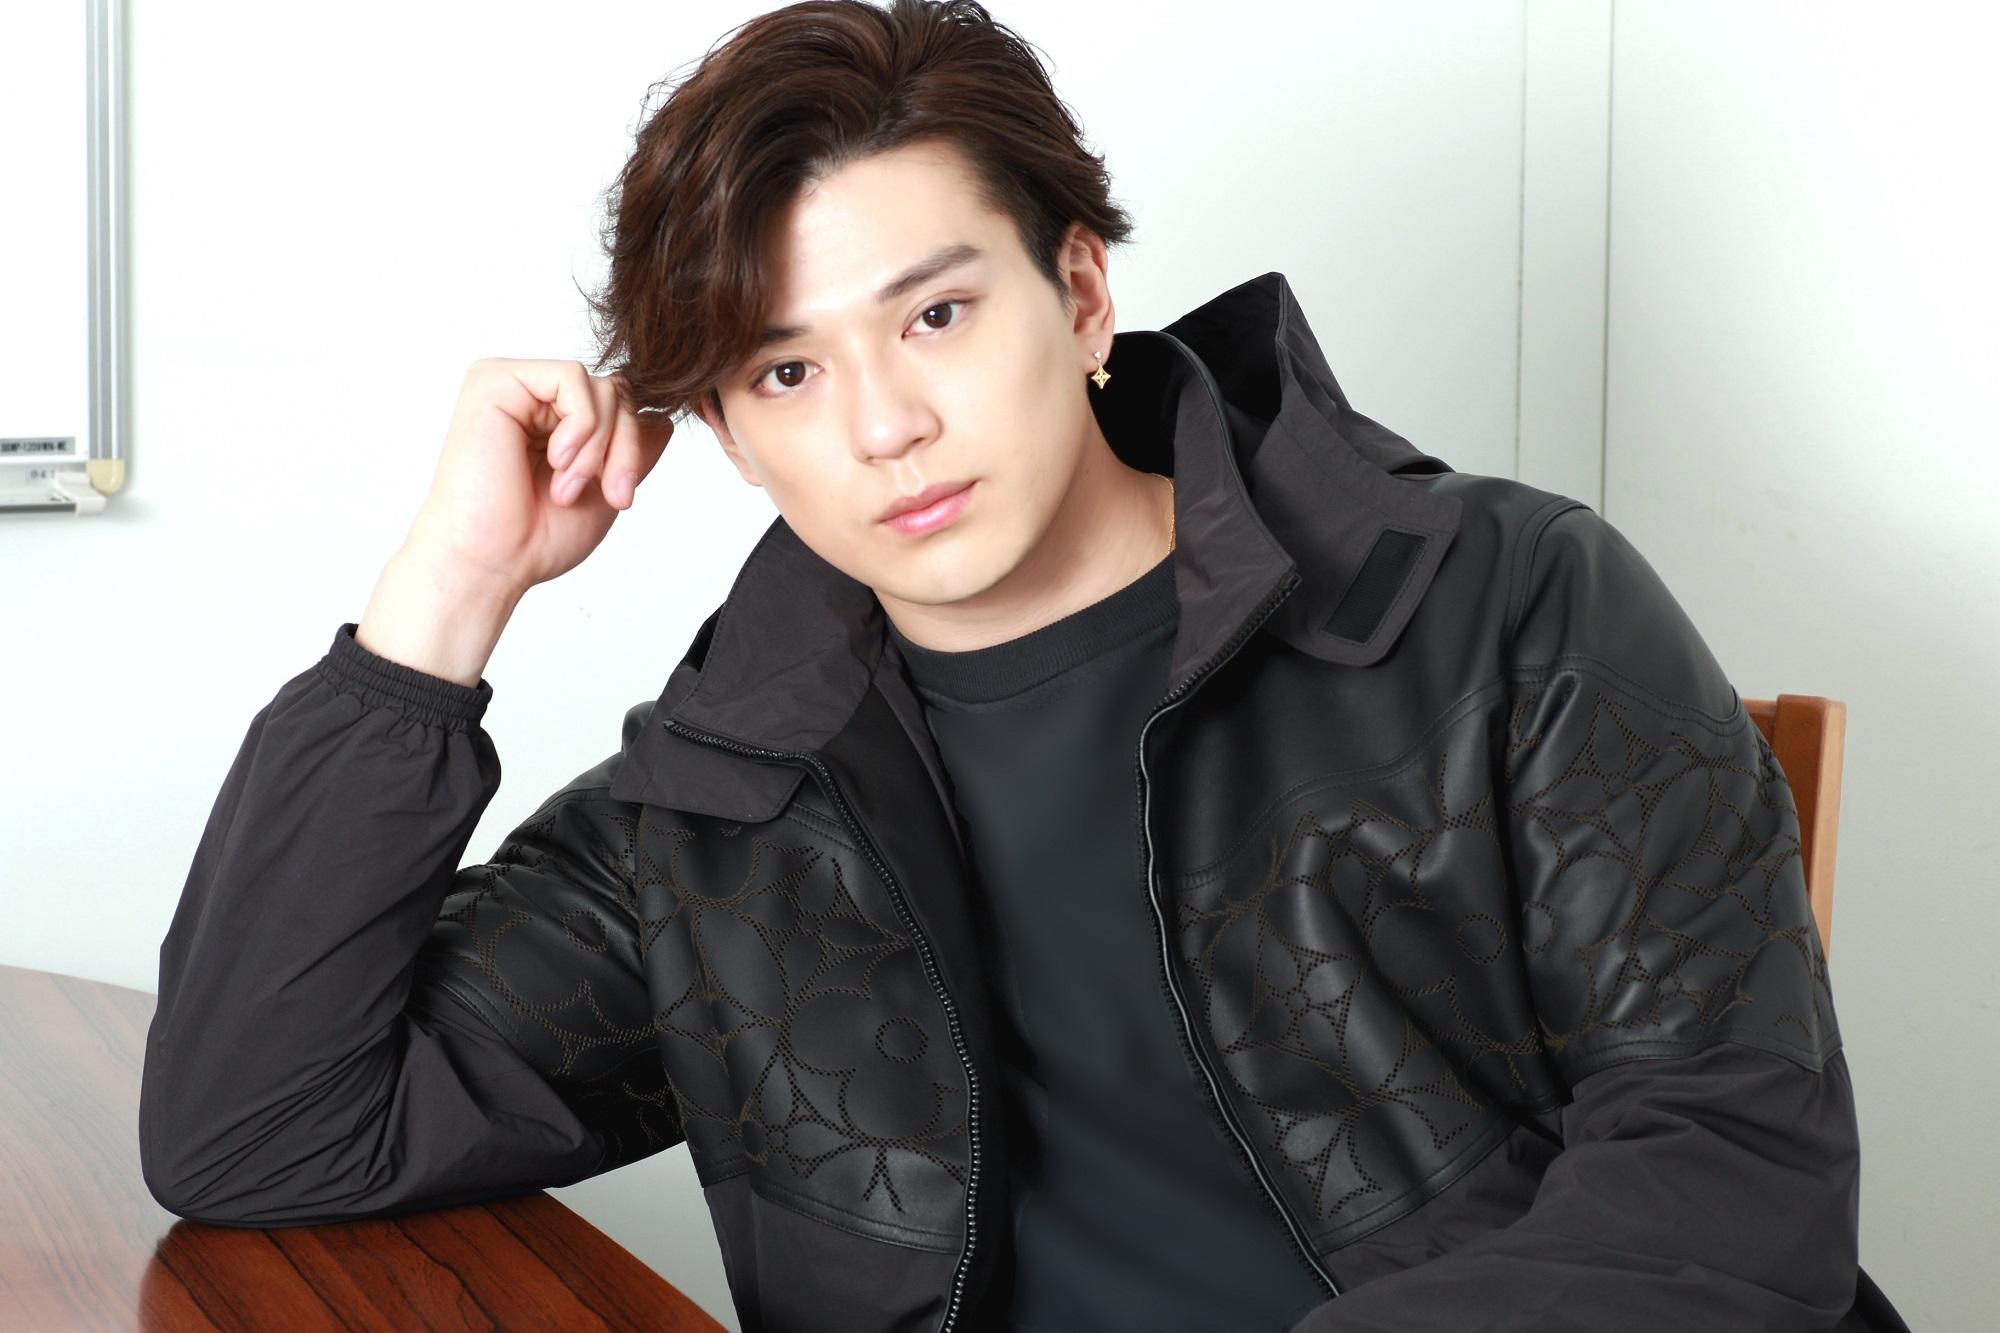 新田真剣佑、単独初主演映画公開。「先頭を走る役者になれると思っている」